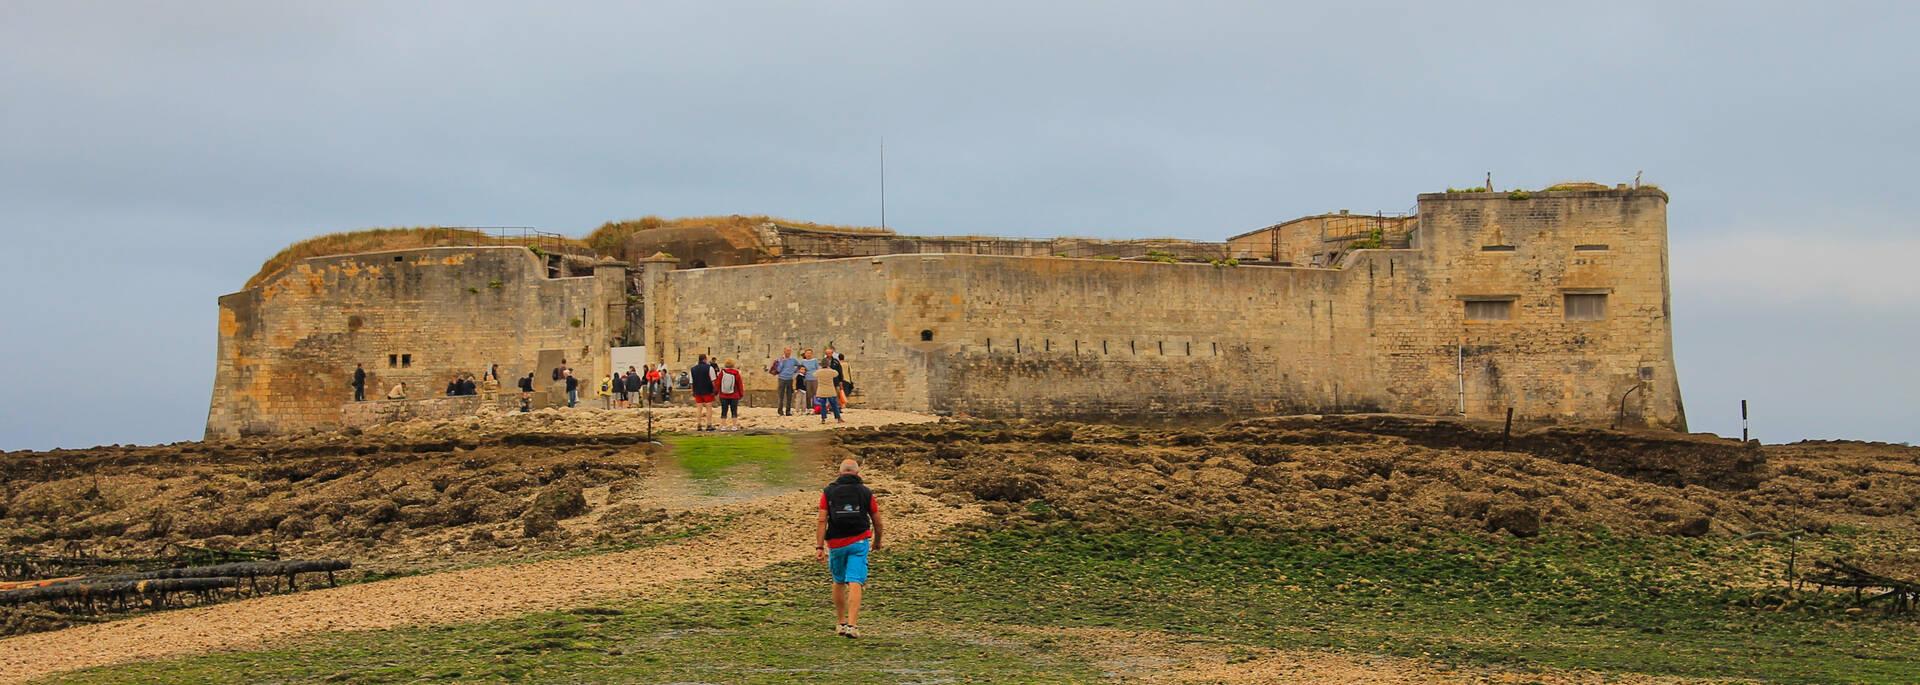 Passe d'Enet pour accéder au Fort à marée basse - © Dominique Droin